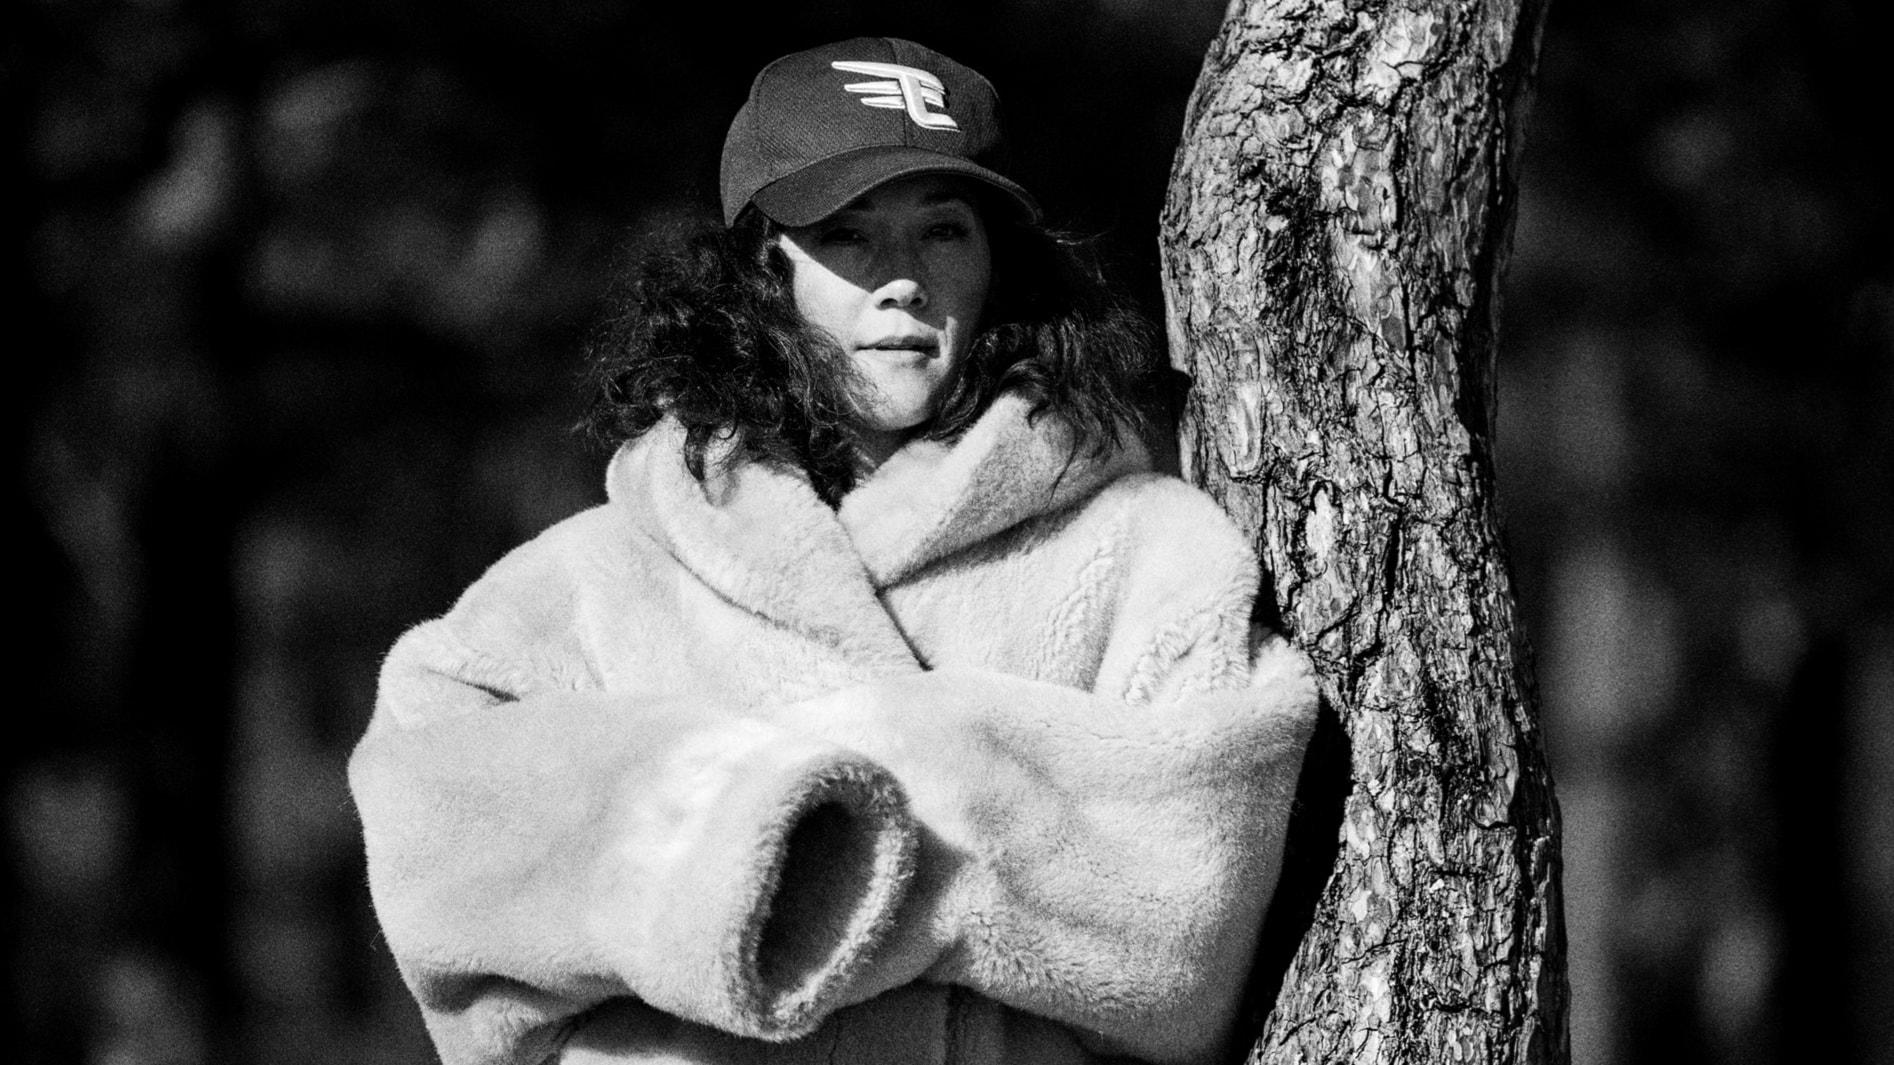 Det obekväma i att skriva om att ligga har gett Maia Hirasawa skjuts i låtskrivandet på nya EP:n, illustratören Ilon Wikland prisas. - spela